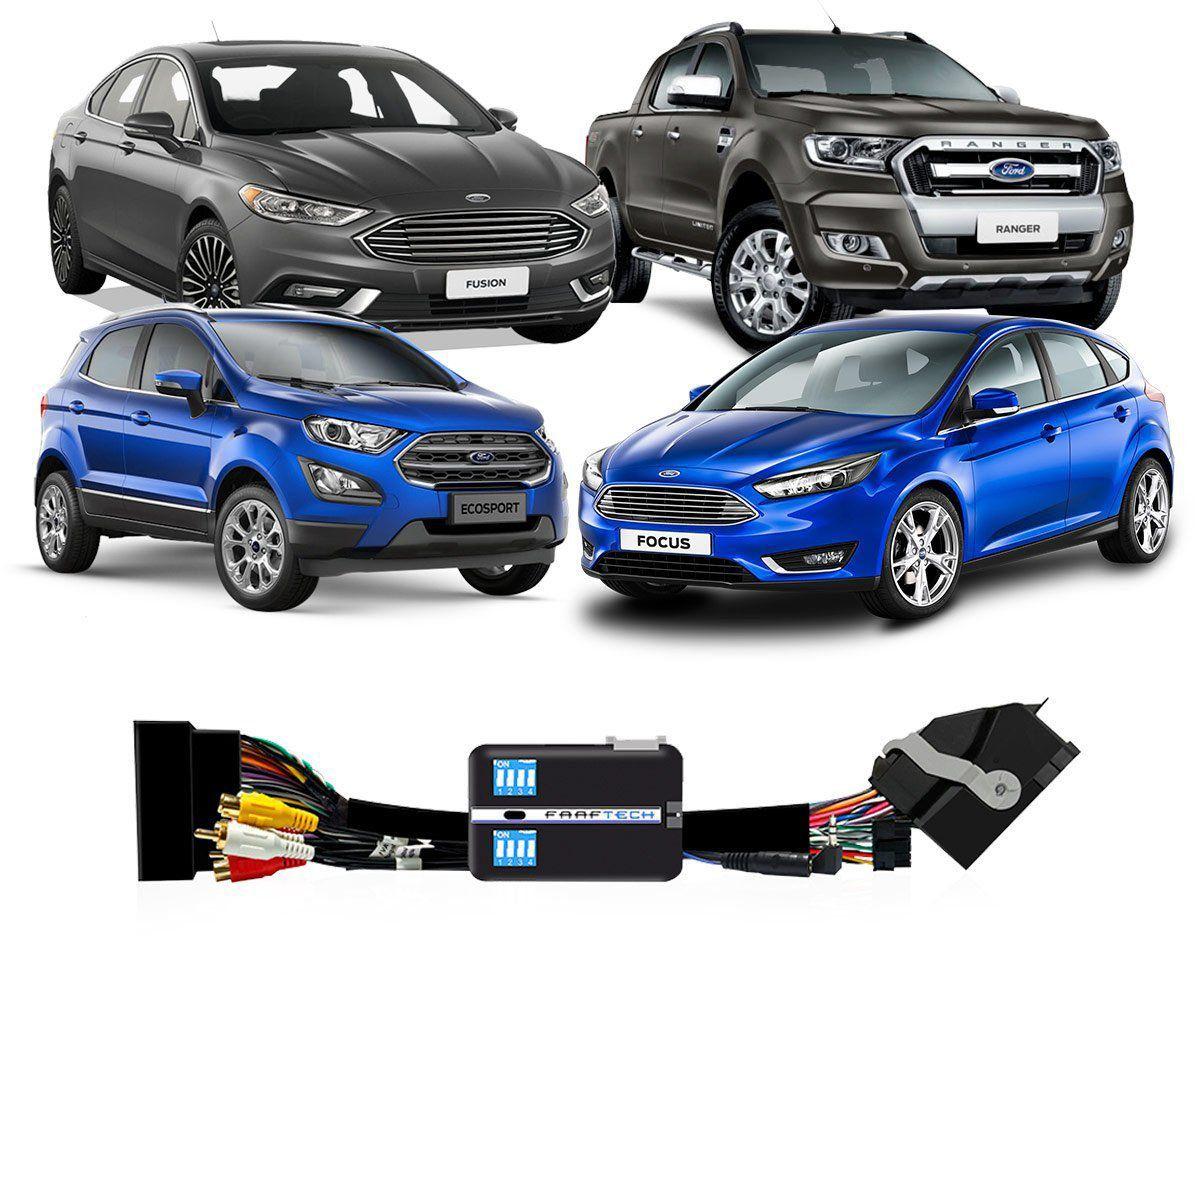 Desbloqueio De Multimídia Faaftech Ford Ecosport e Fiesta Focus Fusion Ranger e Edge FT-VF-FRD4